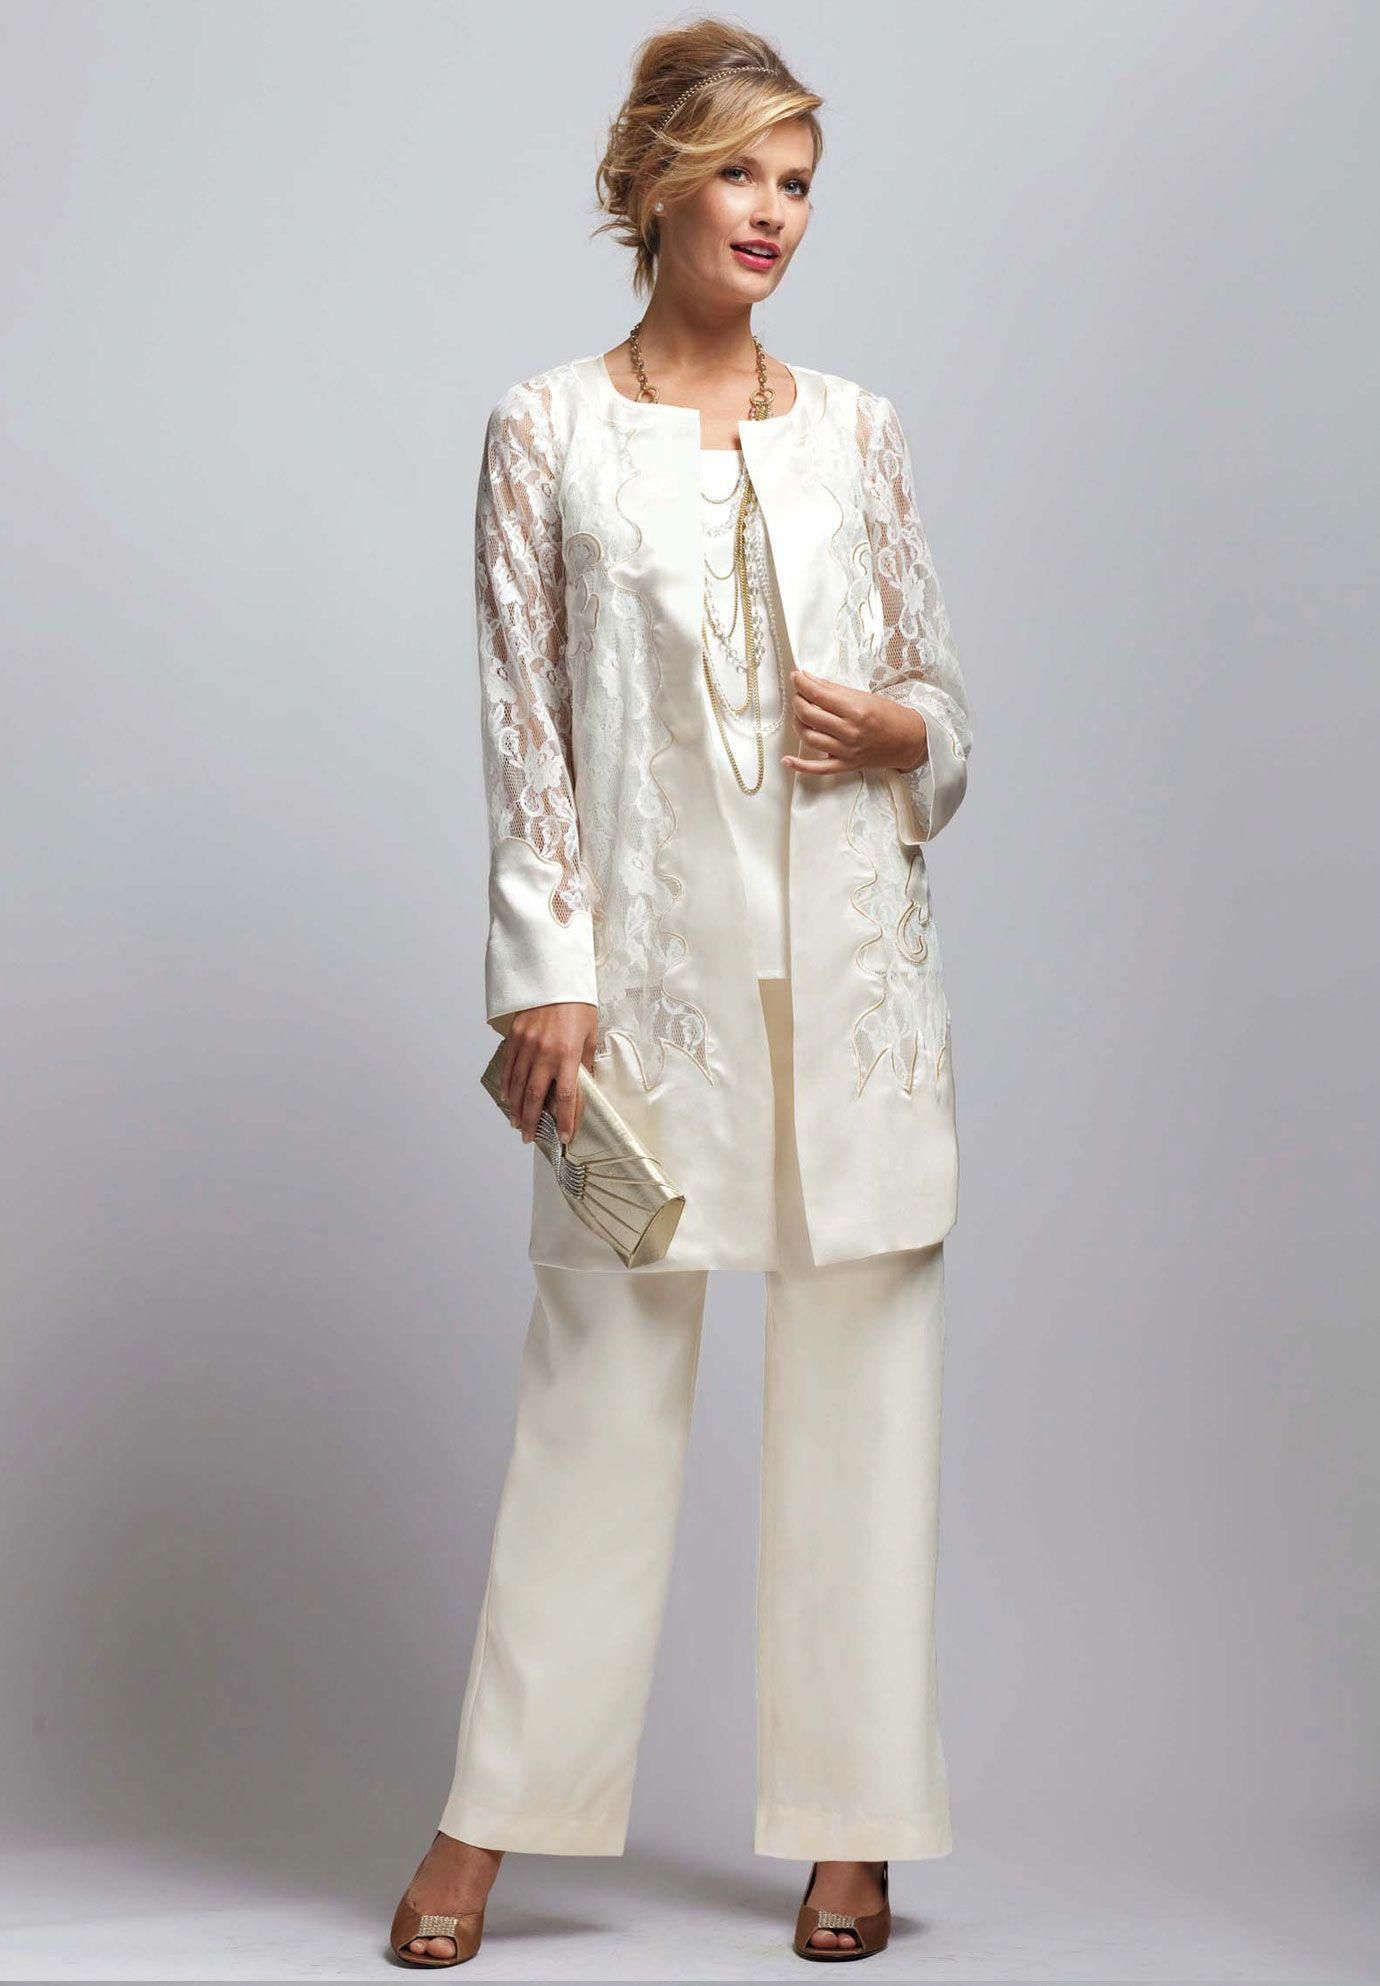 2b641e440ddcf 3 piece evening pant suits